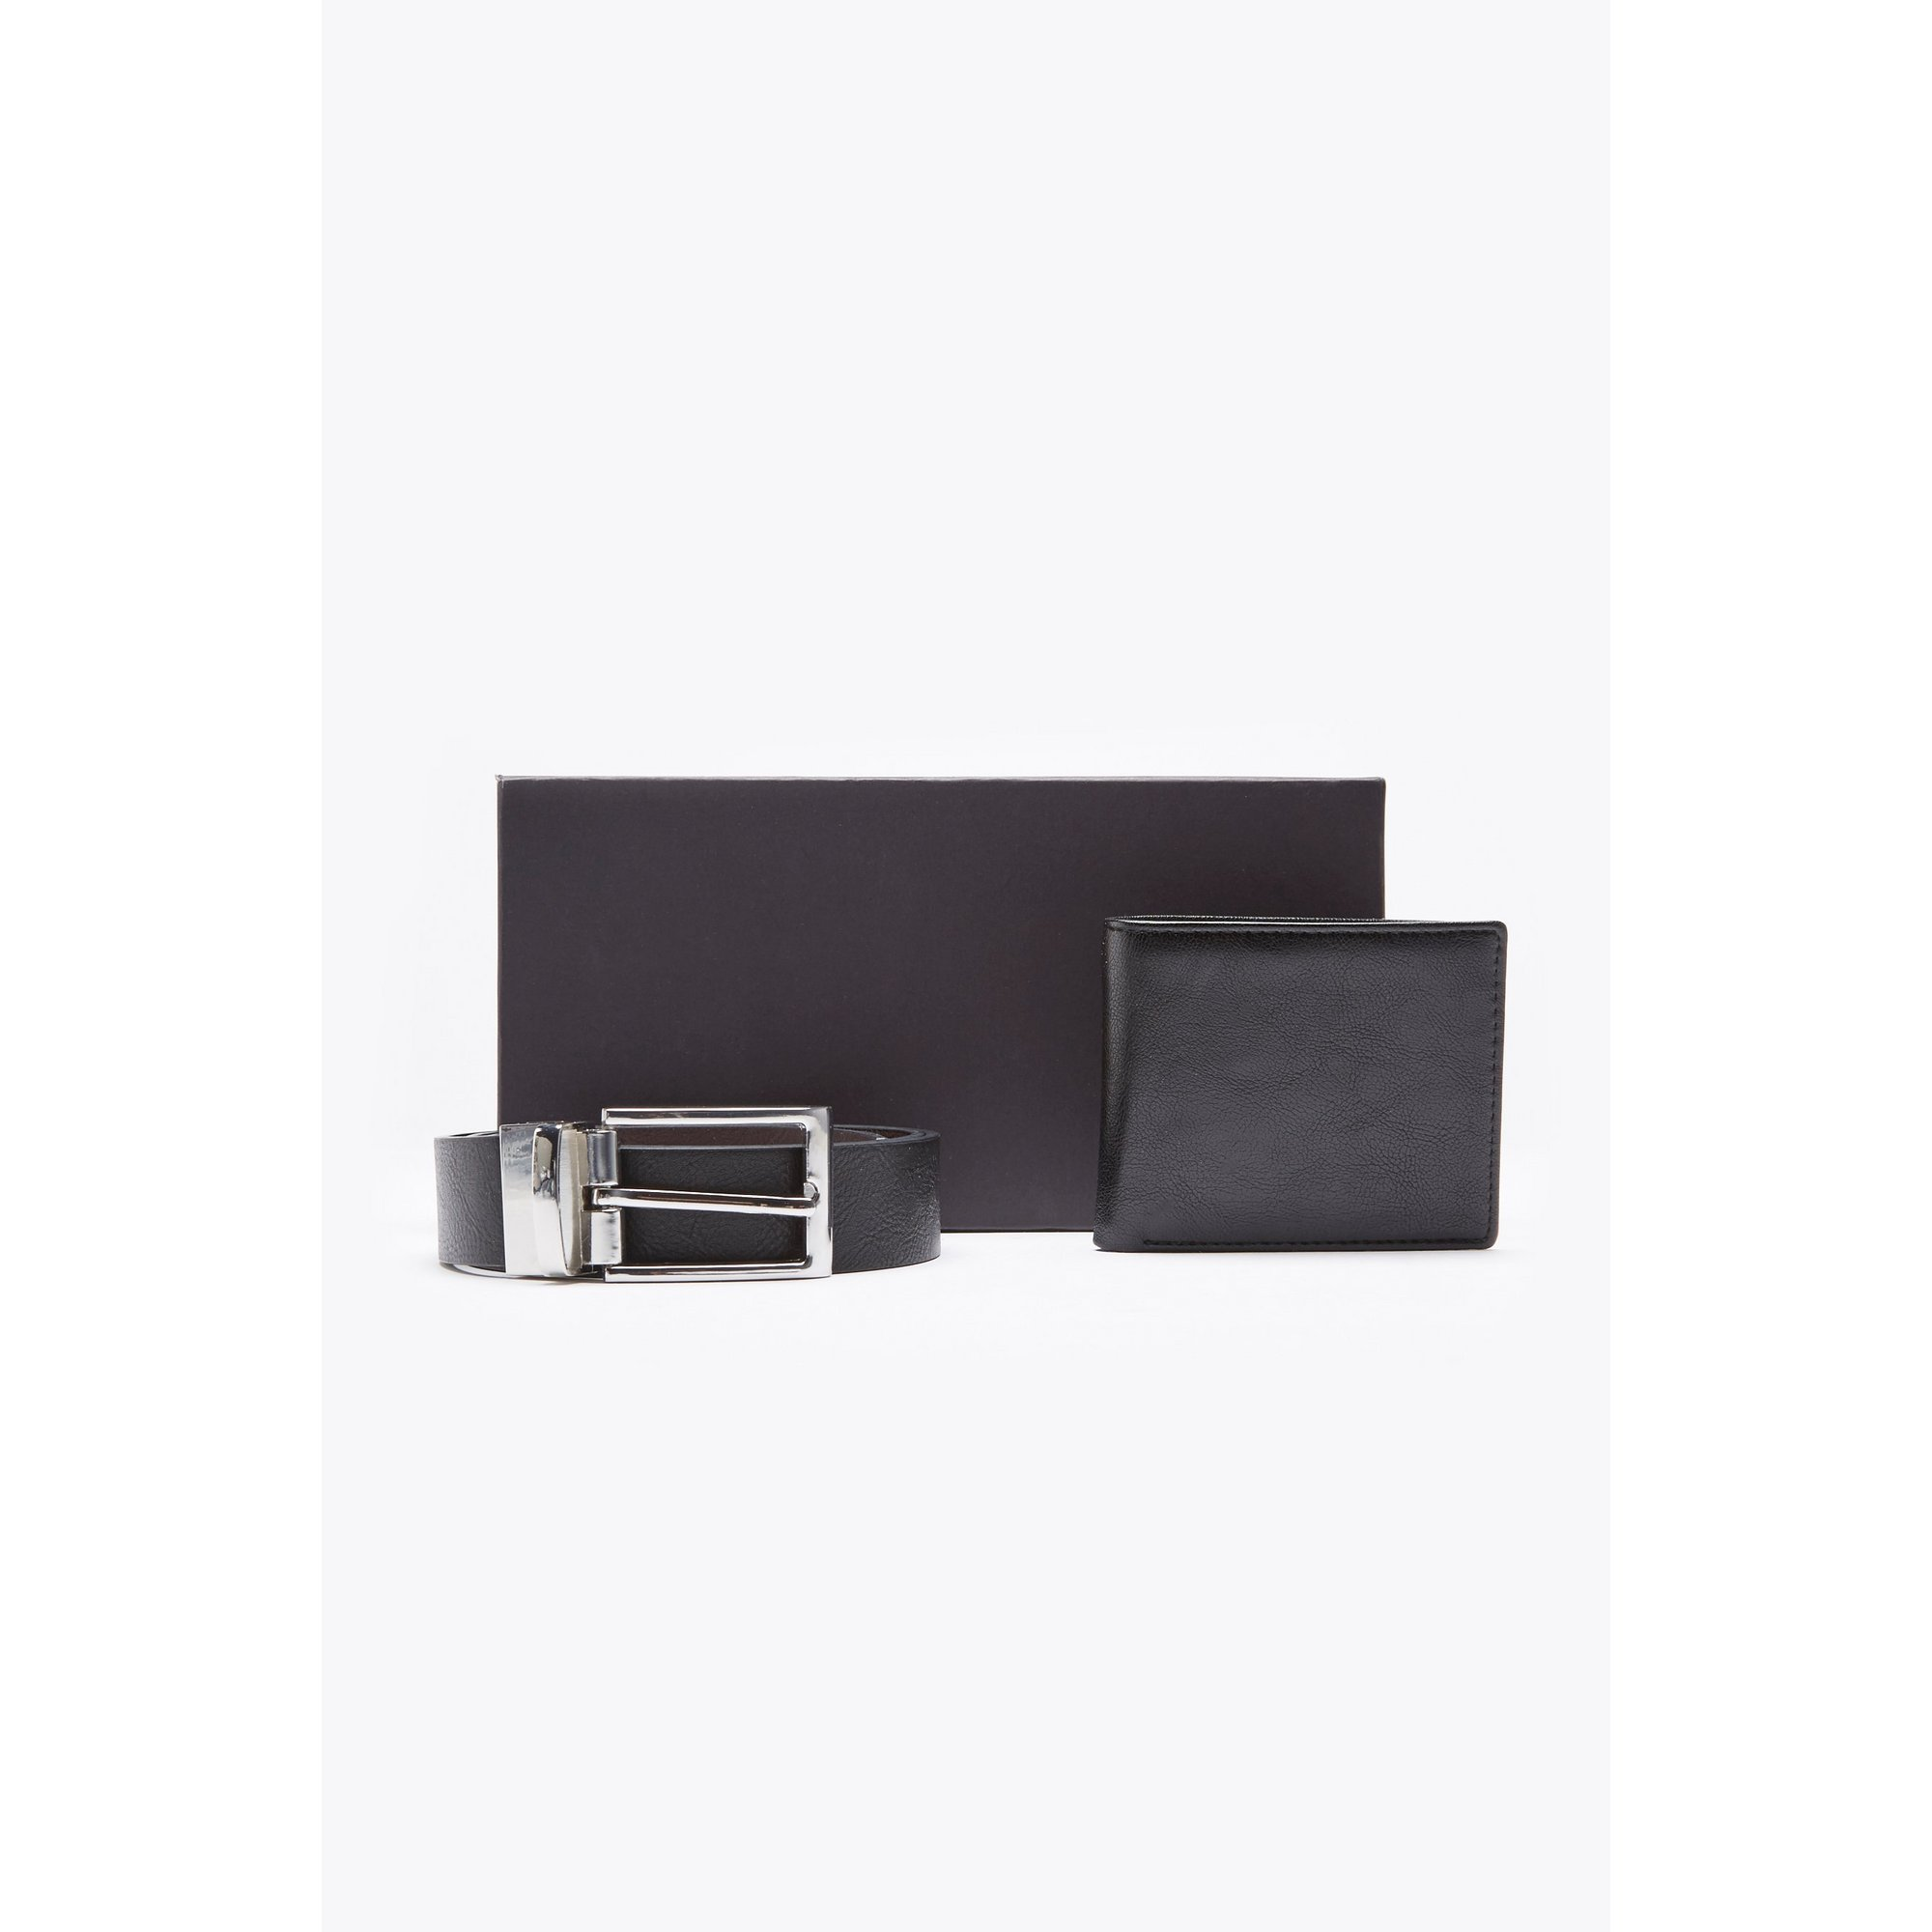 Image of Black Belt and Wallet Gift Set